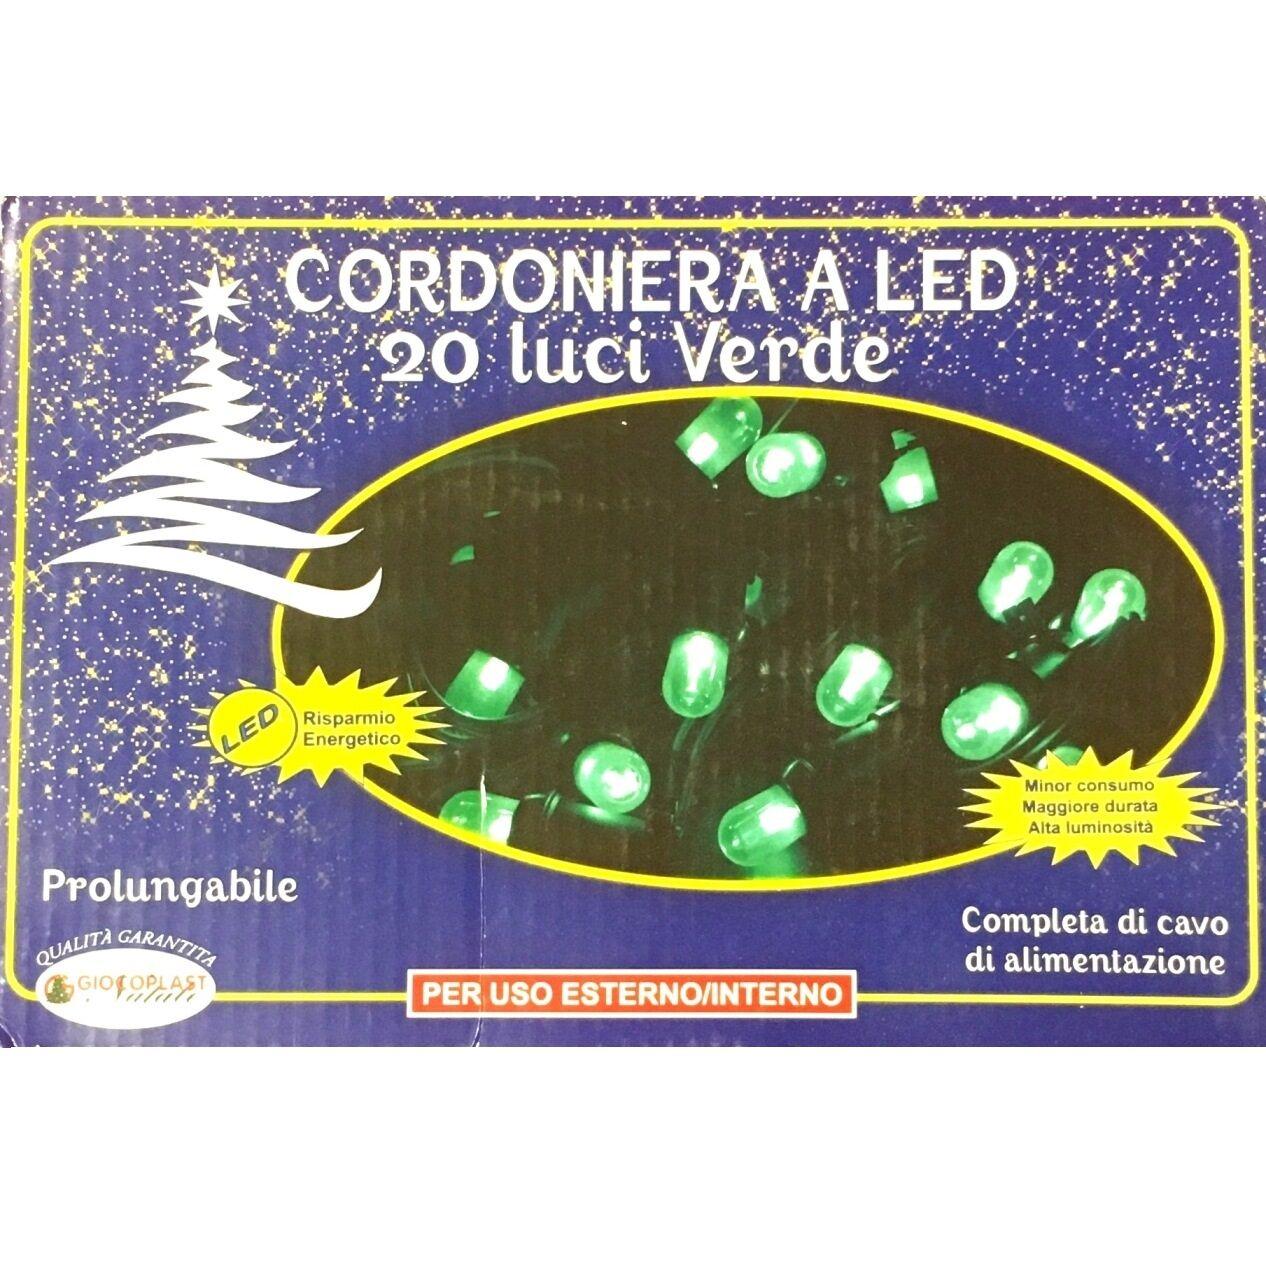 Luci Da Esterno Catena luminosa 3,10 m, 20 Mega LED di colore Verde sostituibili, prolungabile